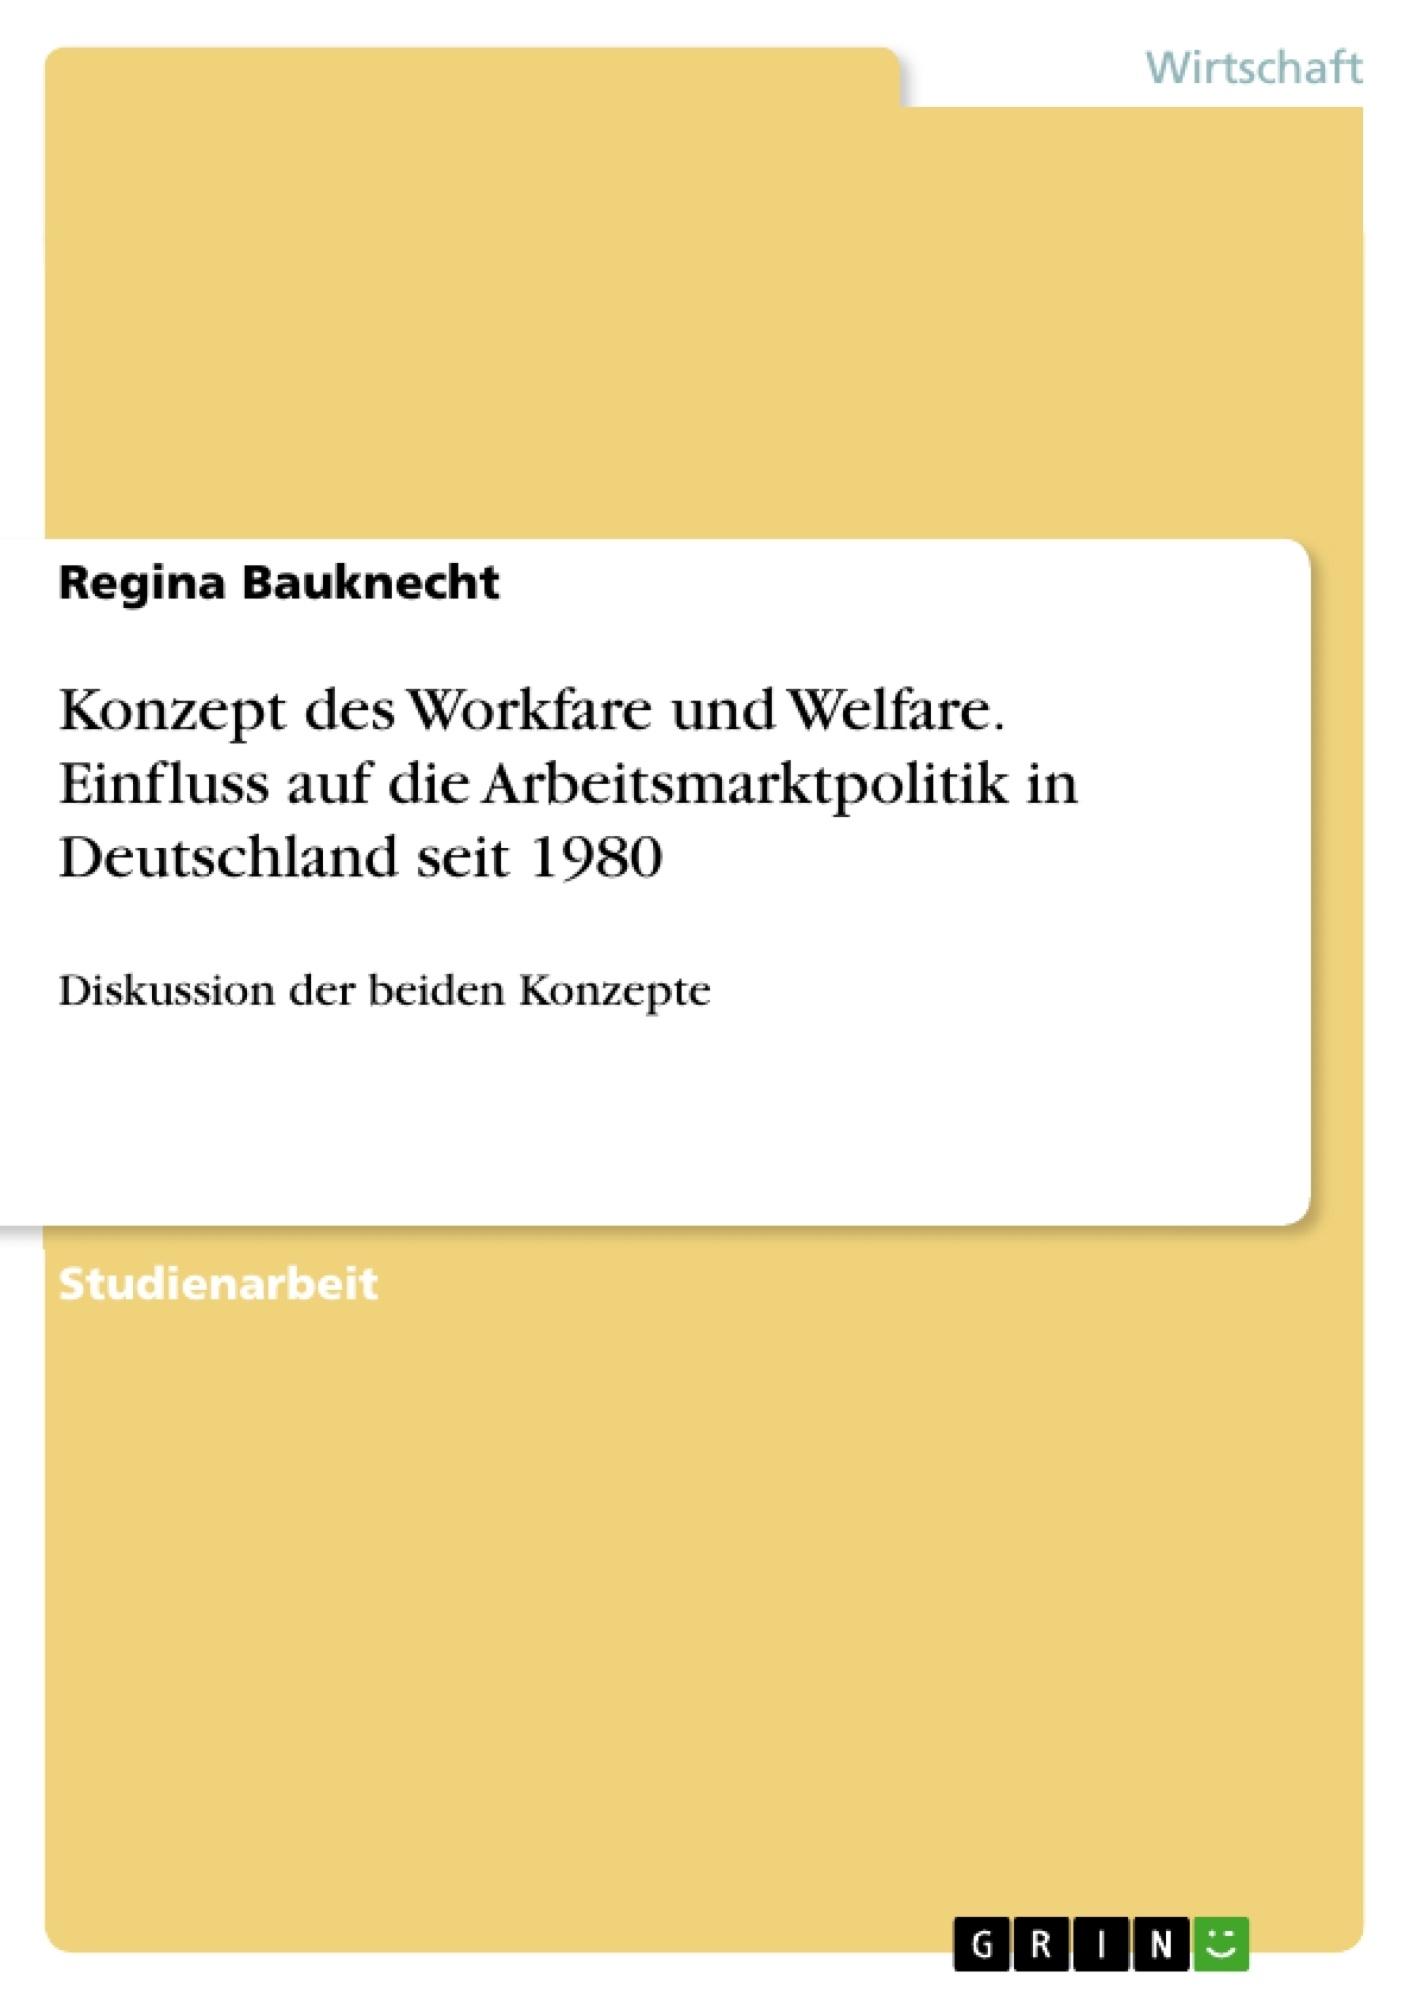 Titel: Konzept des Workfare und Welfare. Einfluss auf die Arbeitsmarktpolitik in Deutschland seit 1980